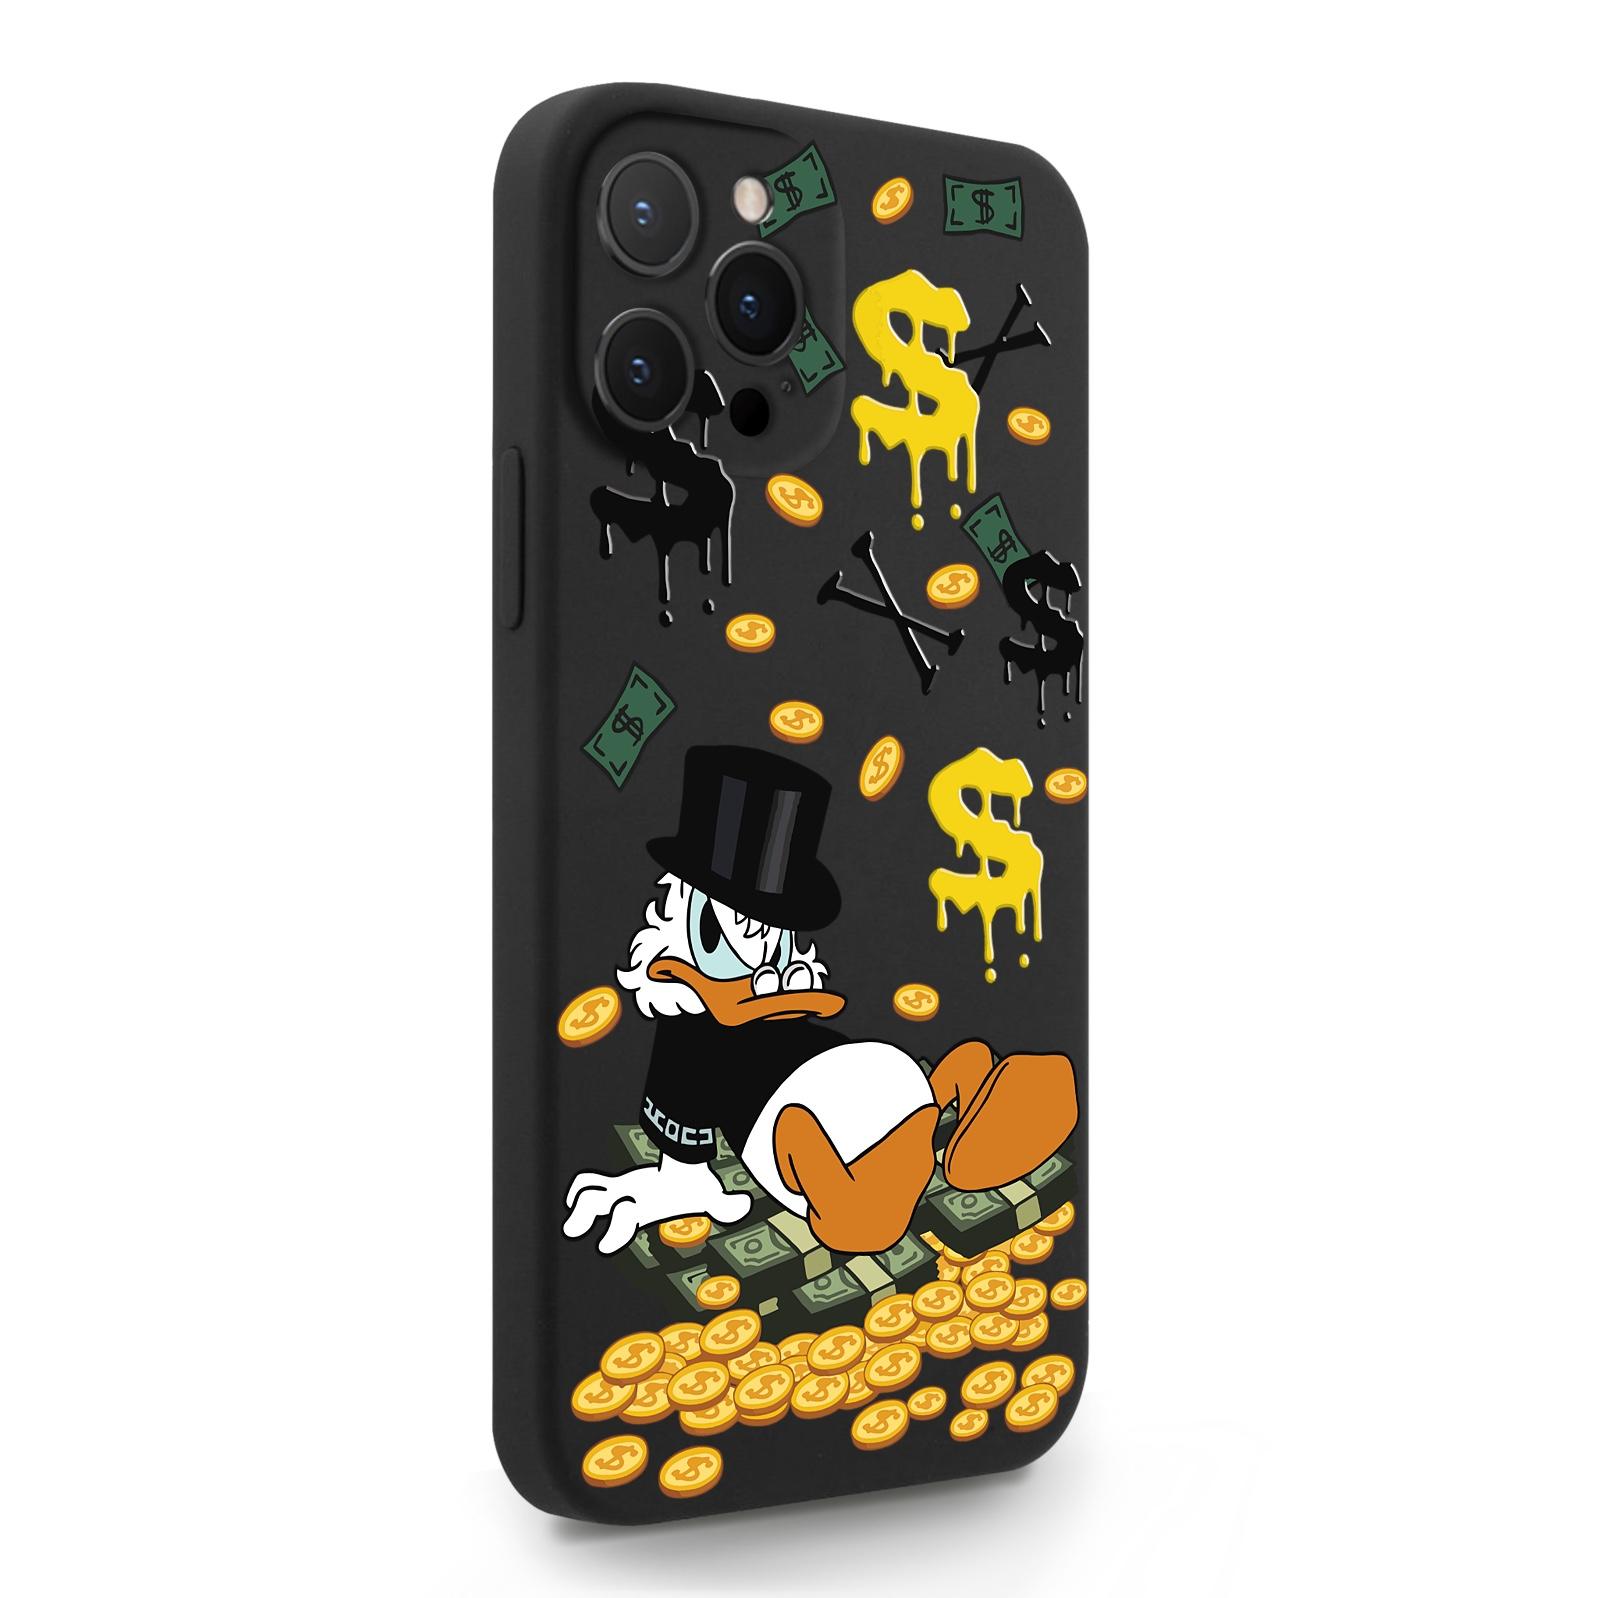 Черный силиконовый чехол для iPhone 12 Pro Max Богатенькая Утка для Айфон 12 Про Макс